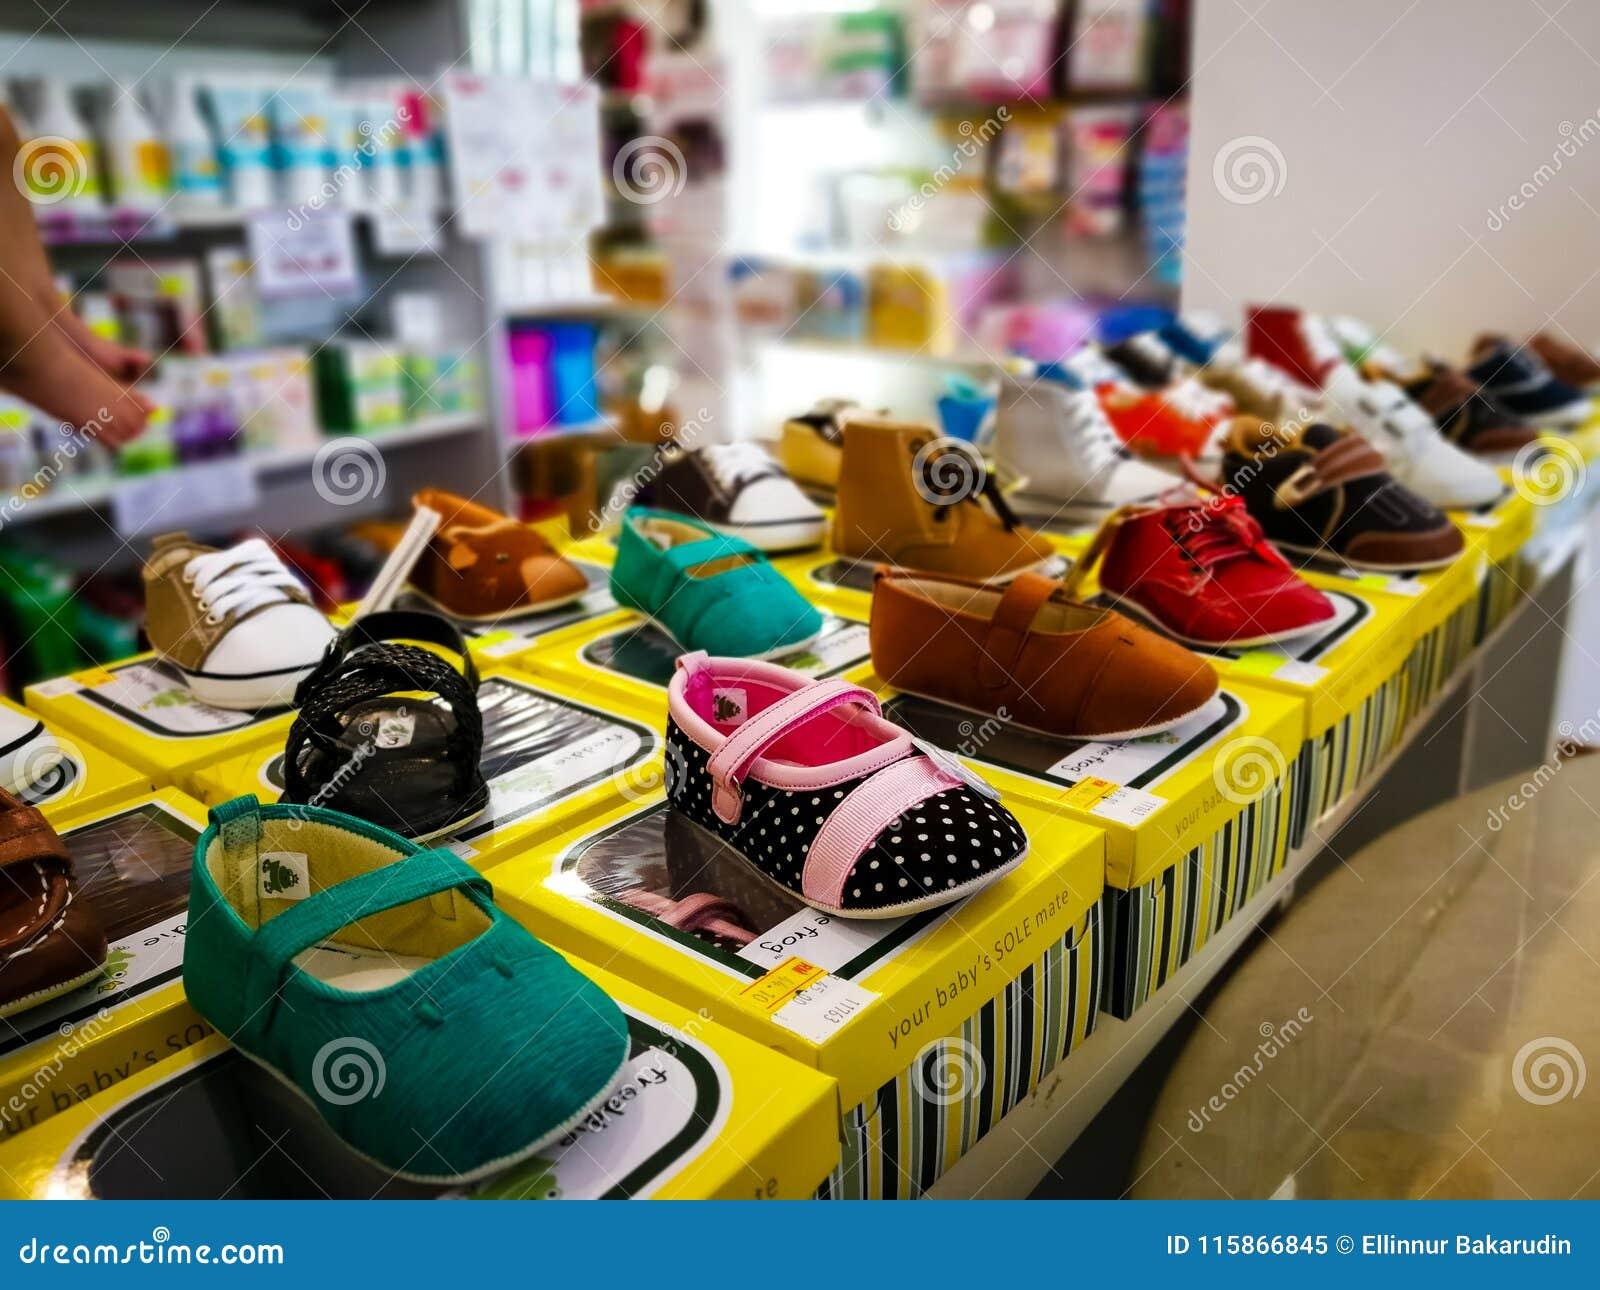 b8aa70ff335 Estantes con el surtido de zapatos de bebé en la tienda para la venta